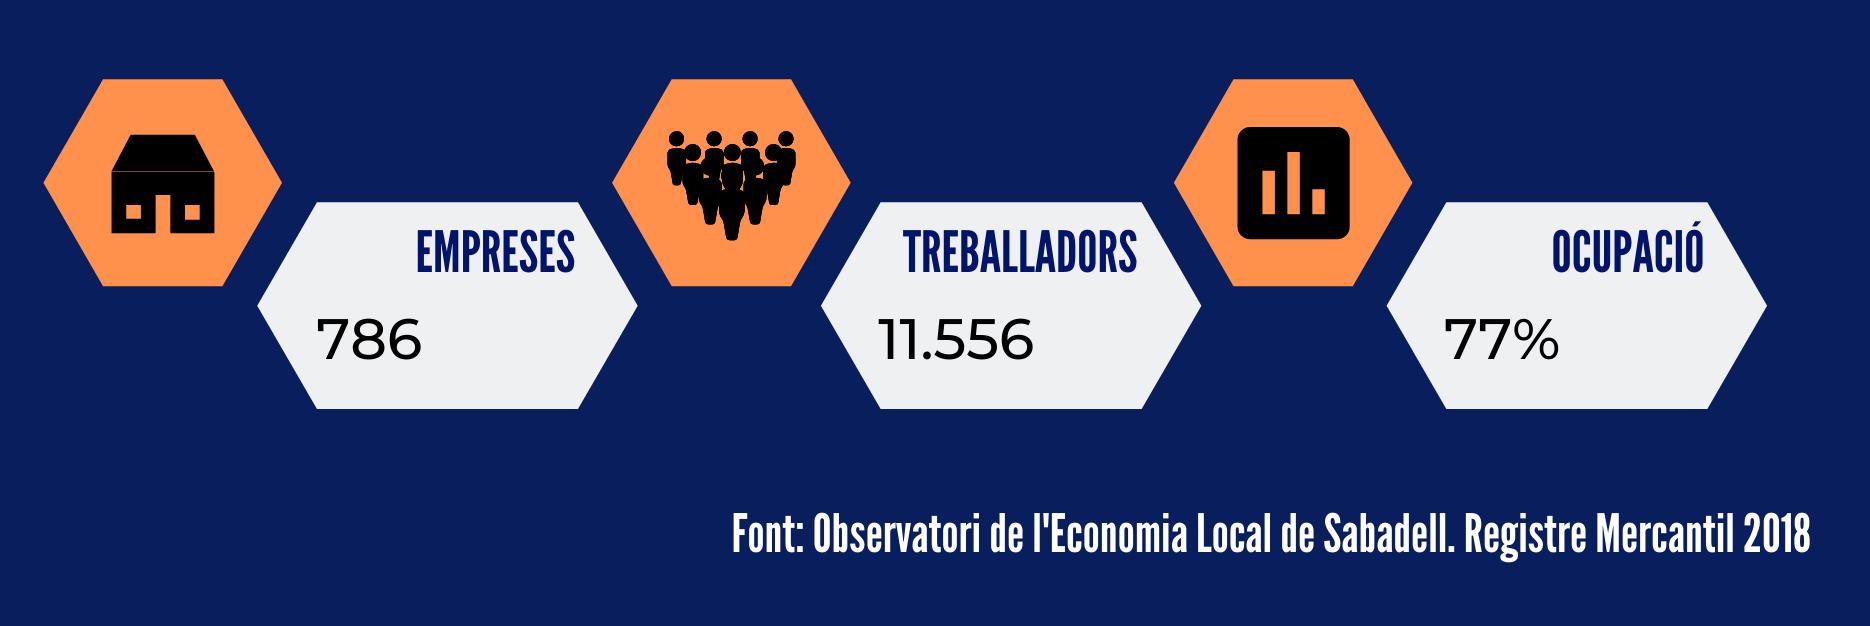 observadori de l'economia local de Sabadell. Registre mercantil 2018